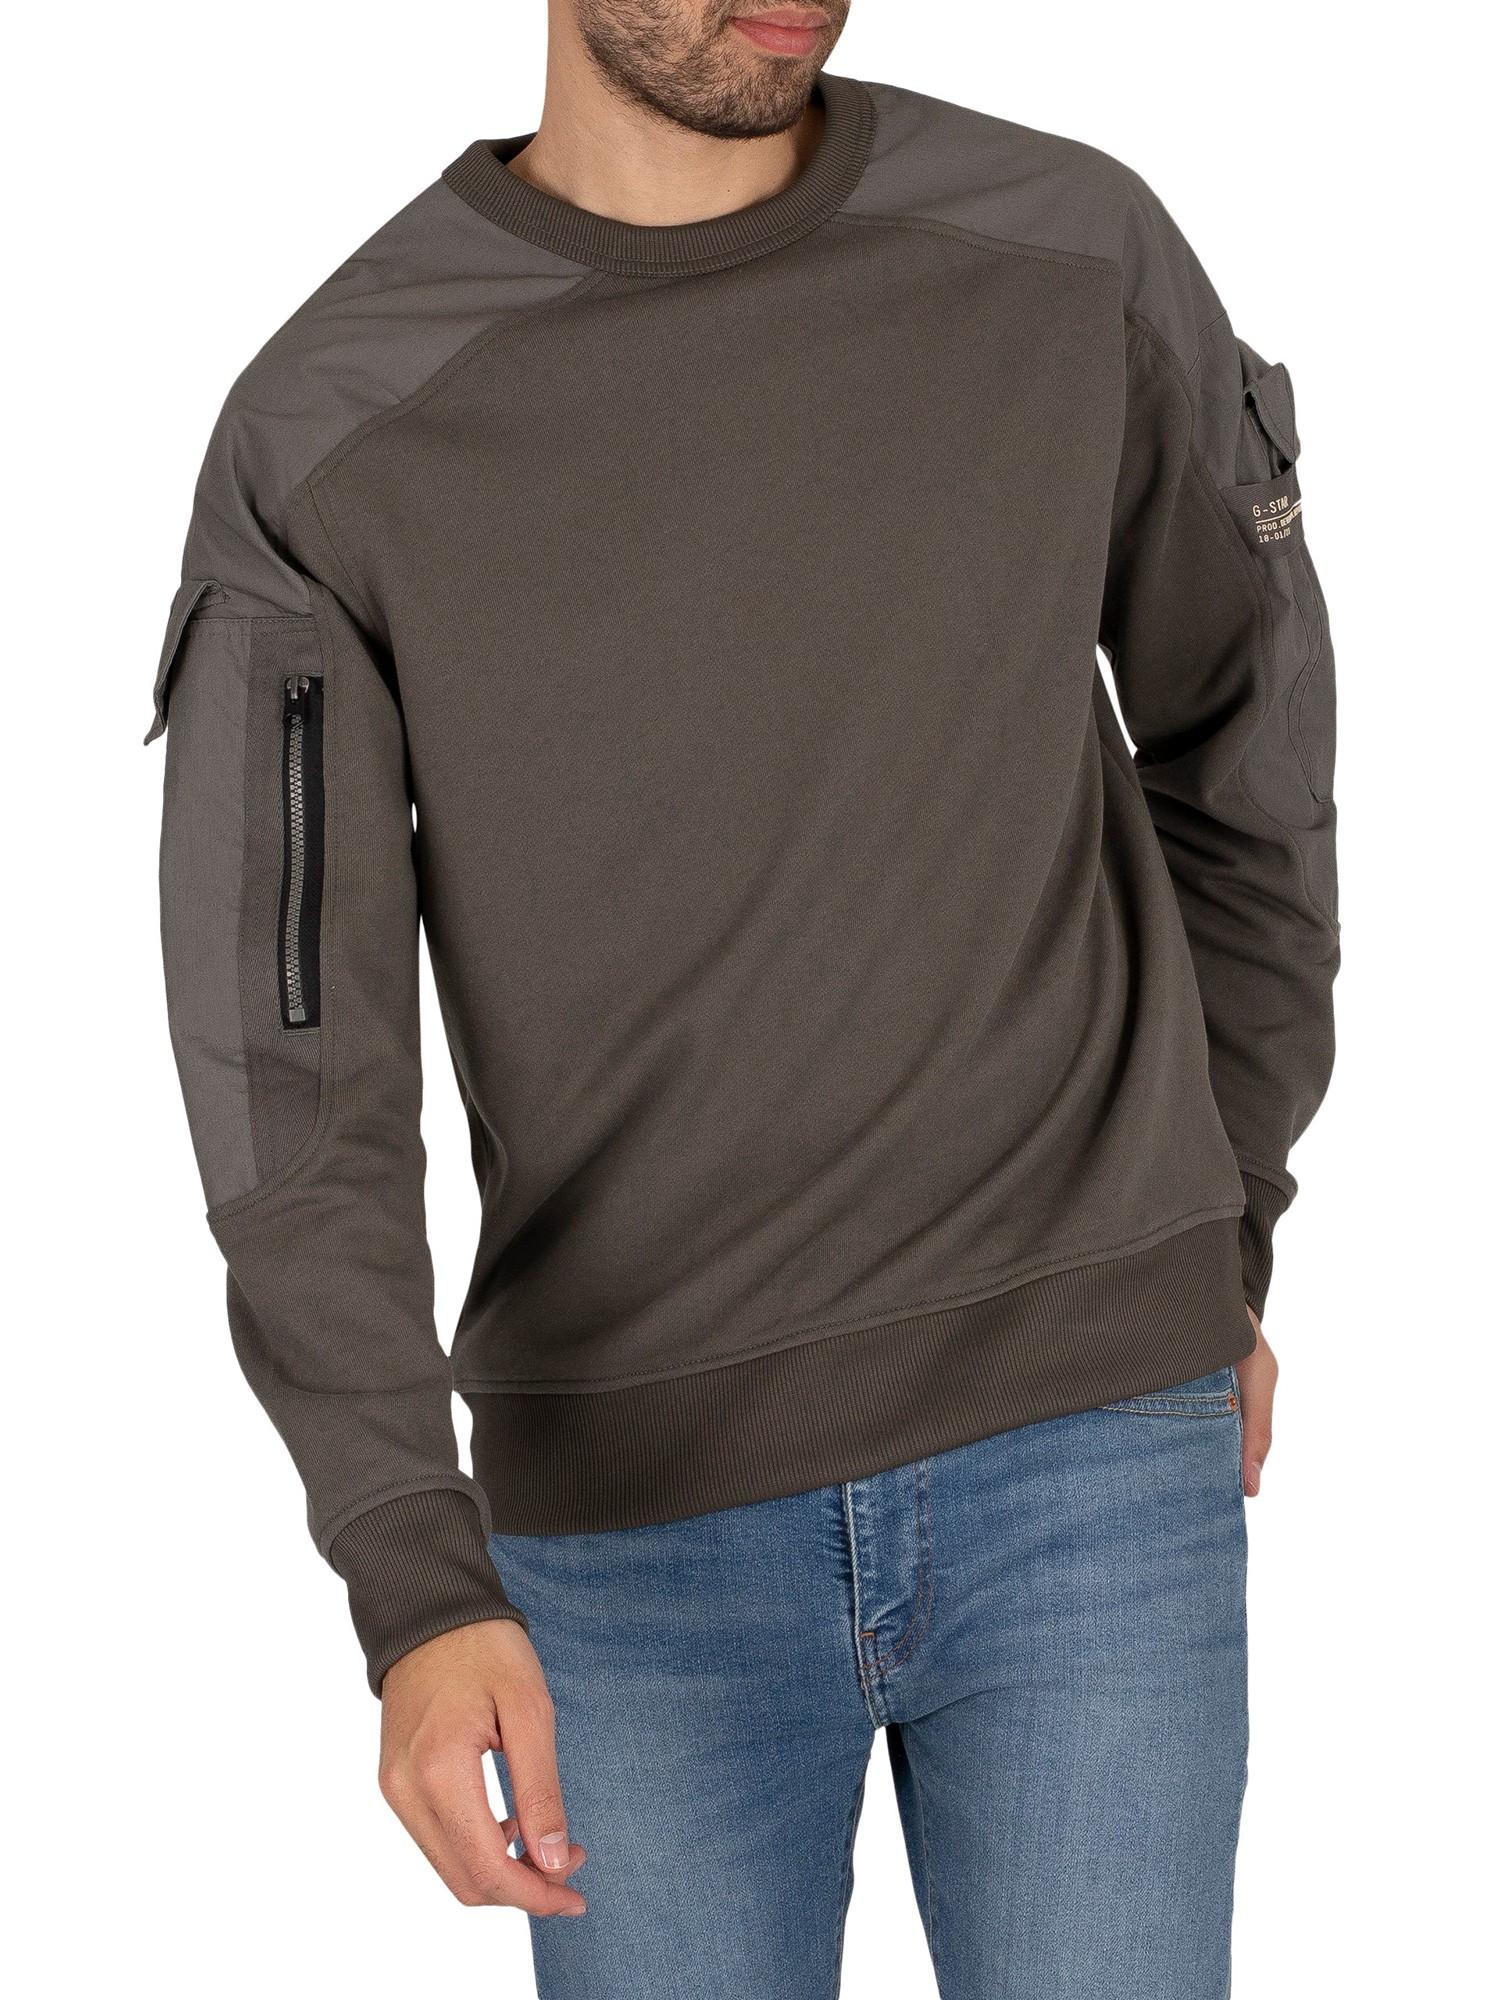 Container-Sweatshirt